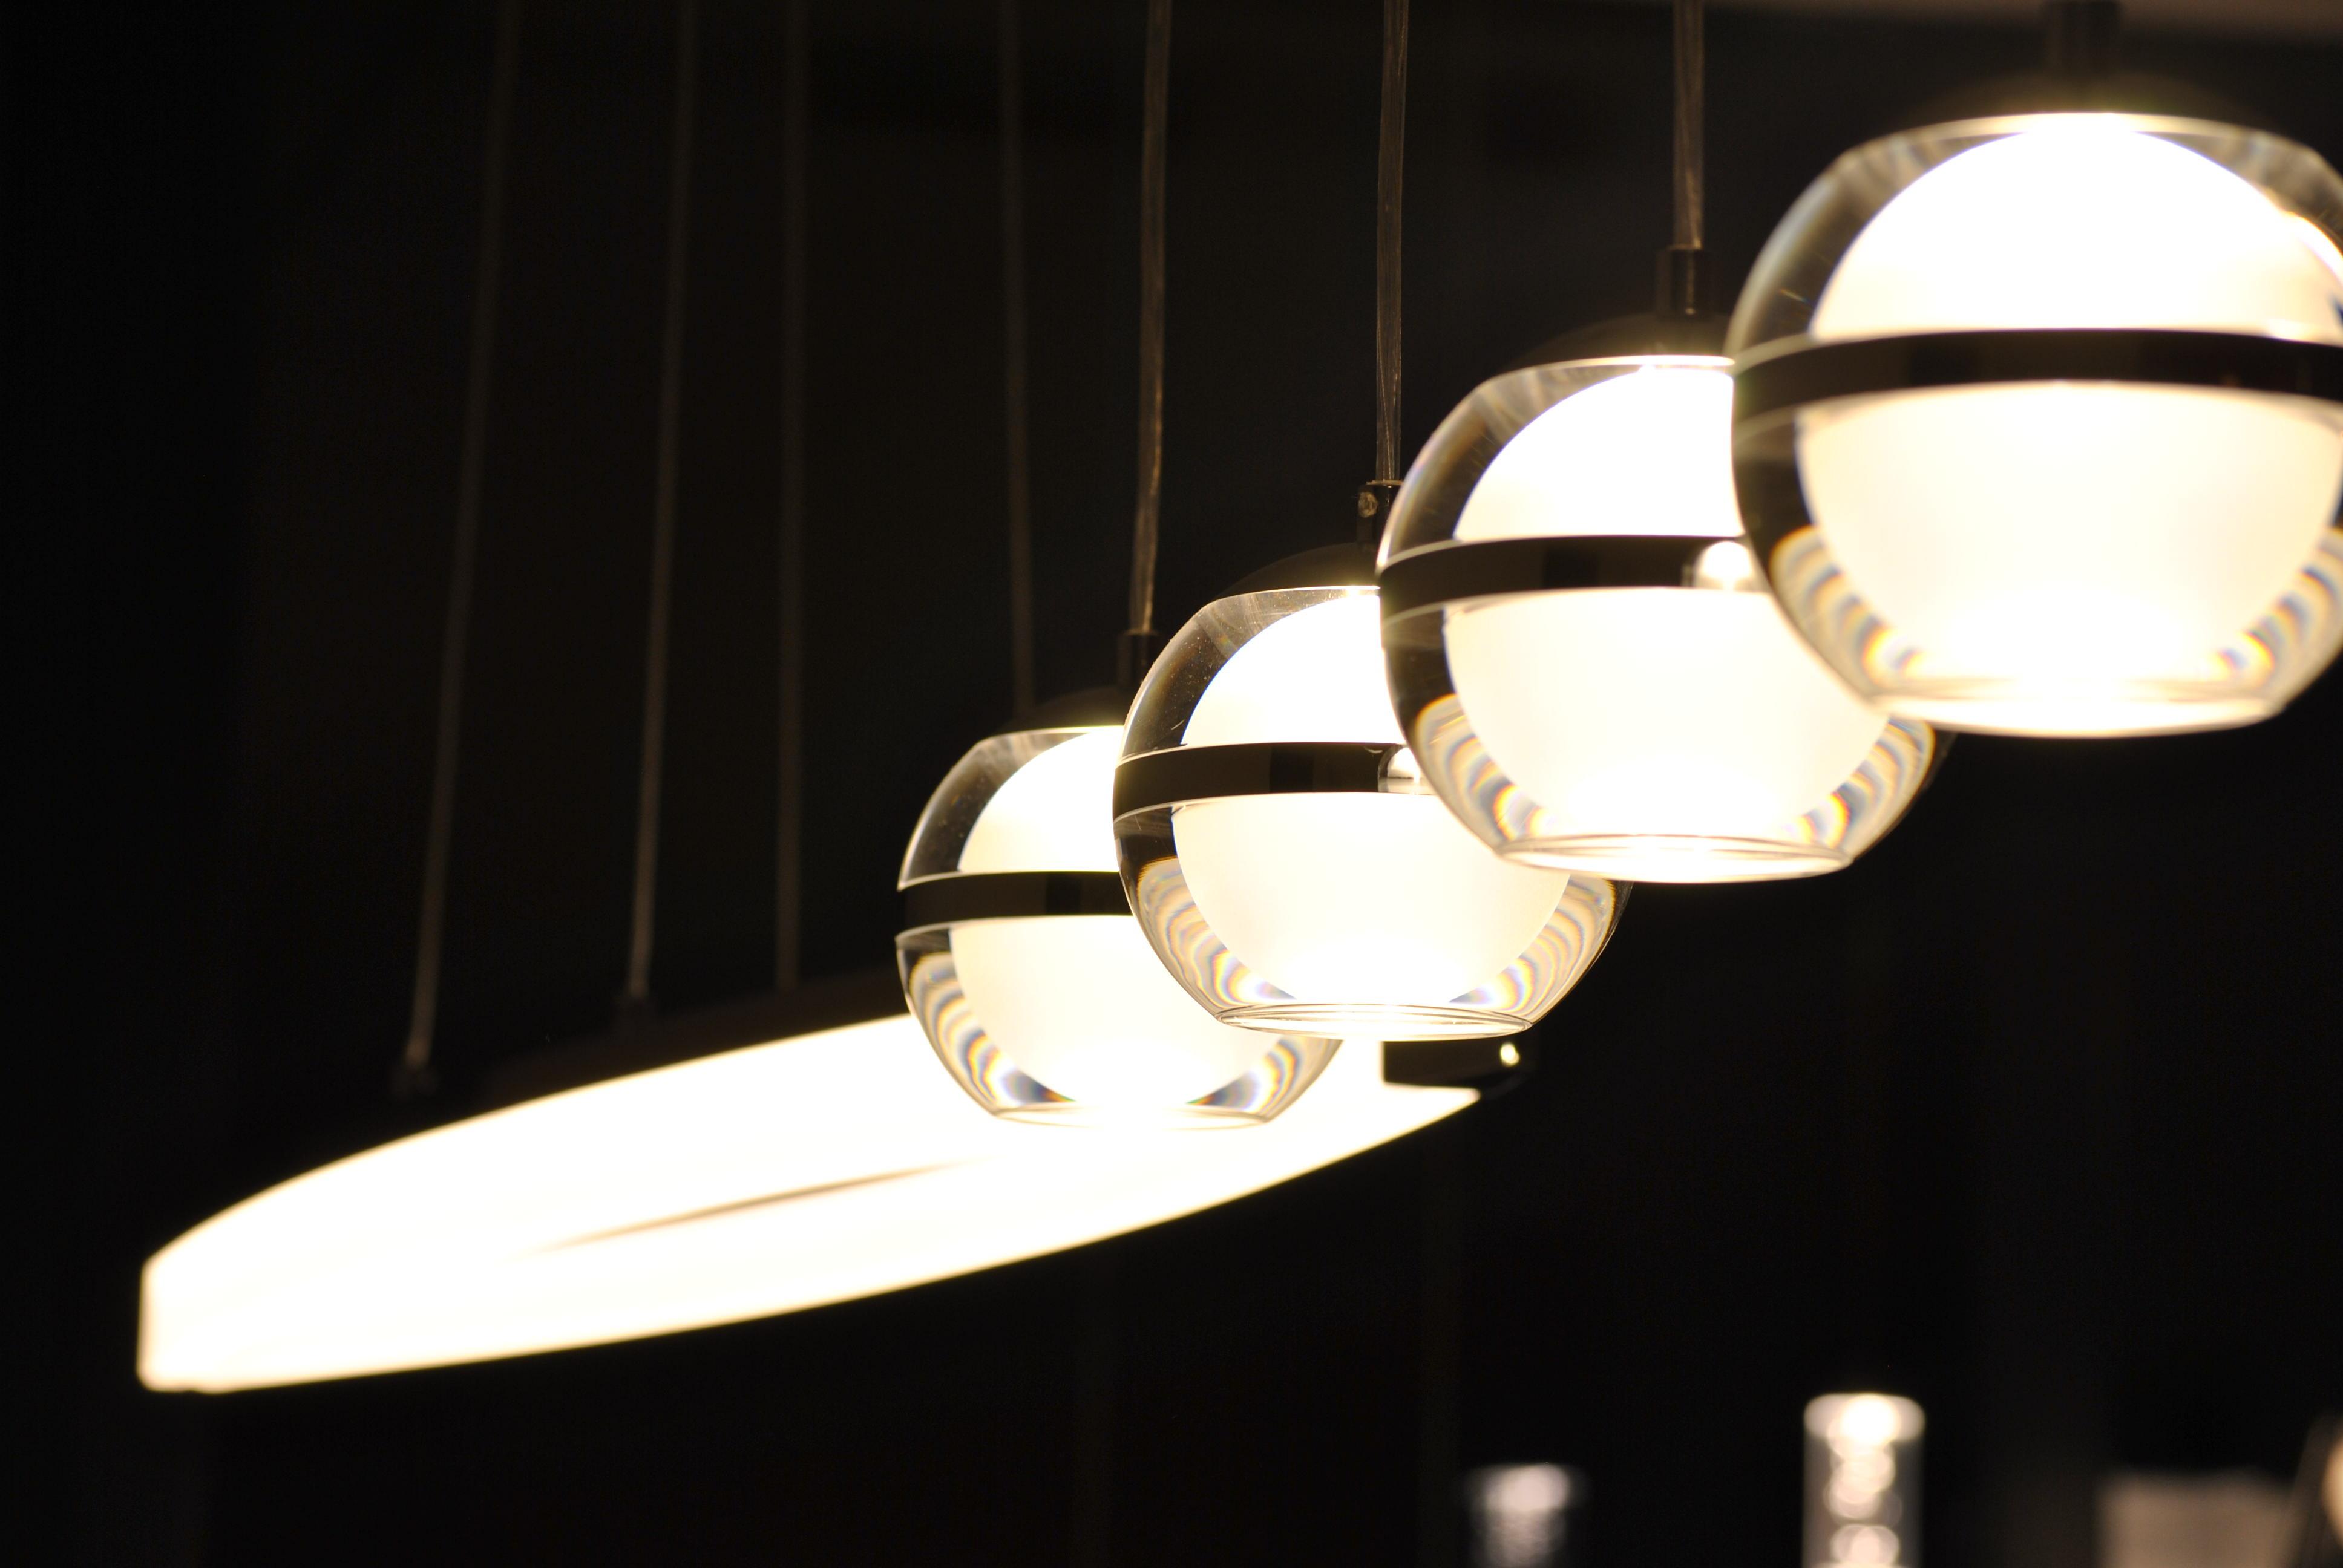 Inteligentní osvětlení domu